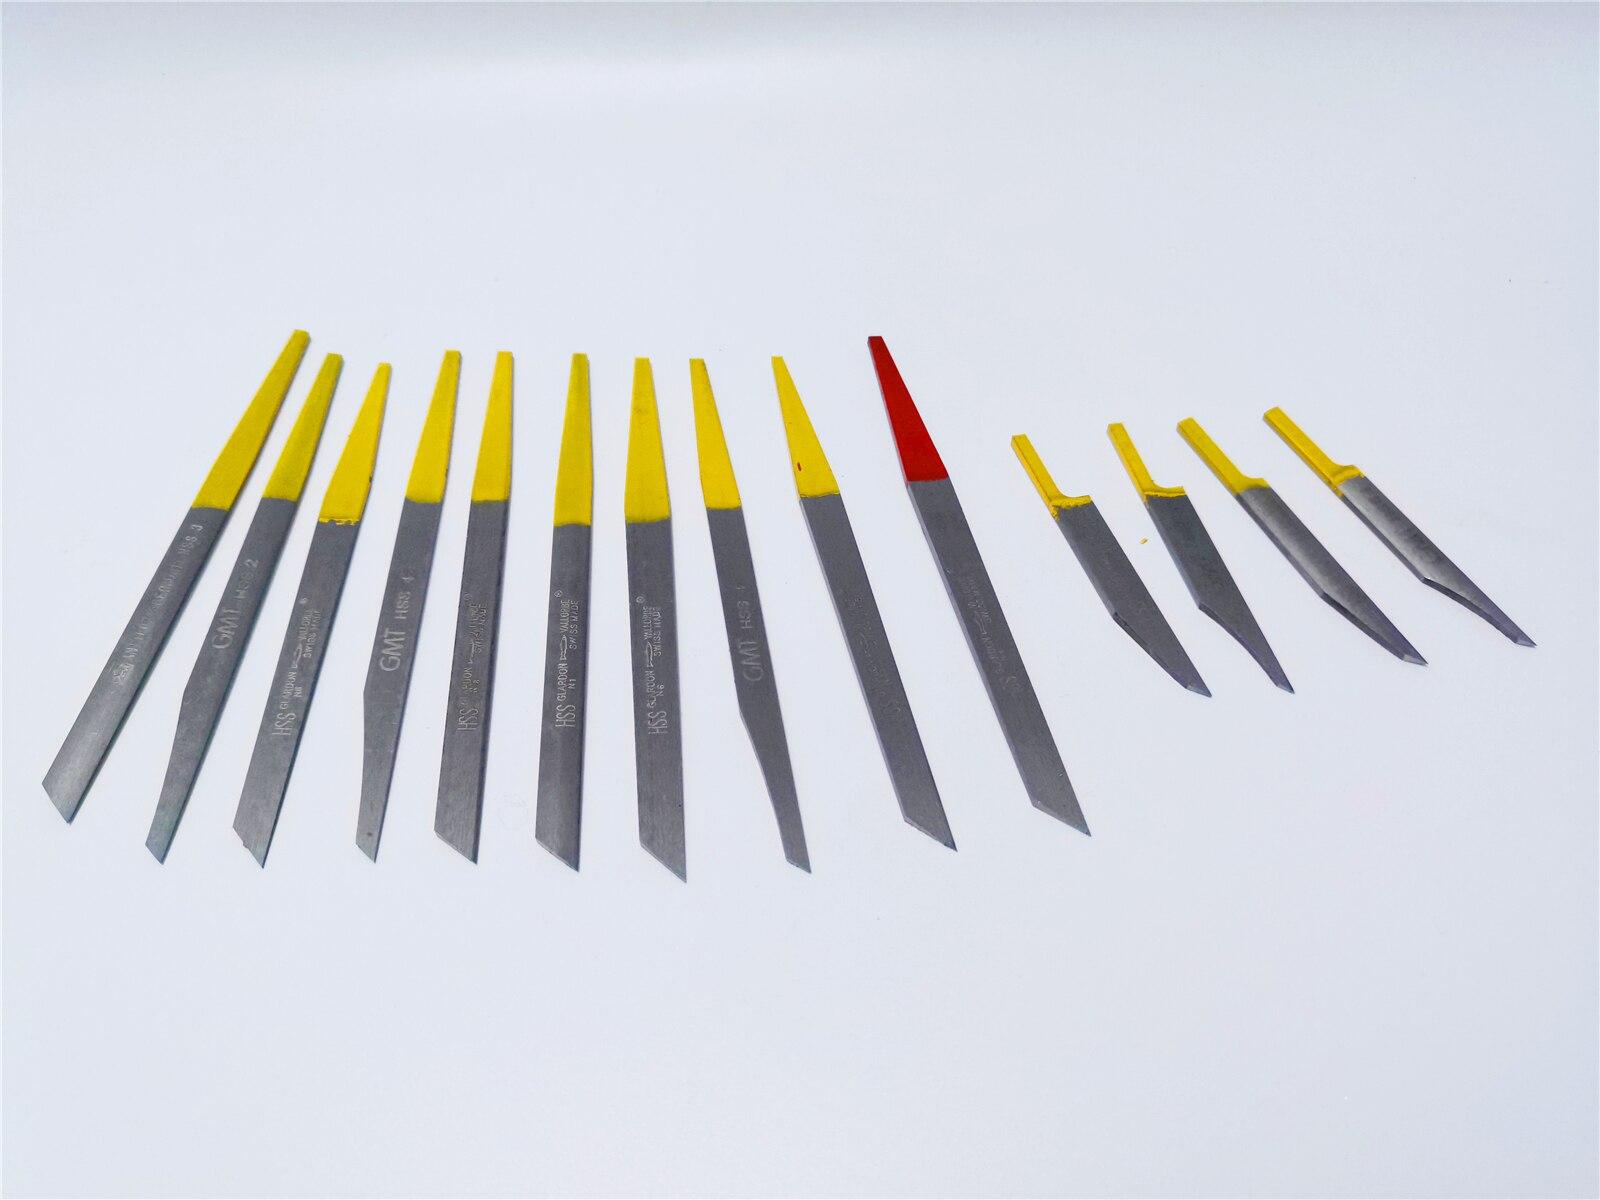 Gravure couteau bijoutiers HS Graver gravure max graviers G8 pneumatique sculpture couteau bijoux graveur outils - 4